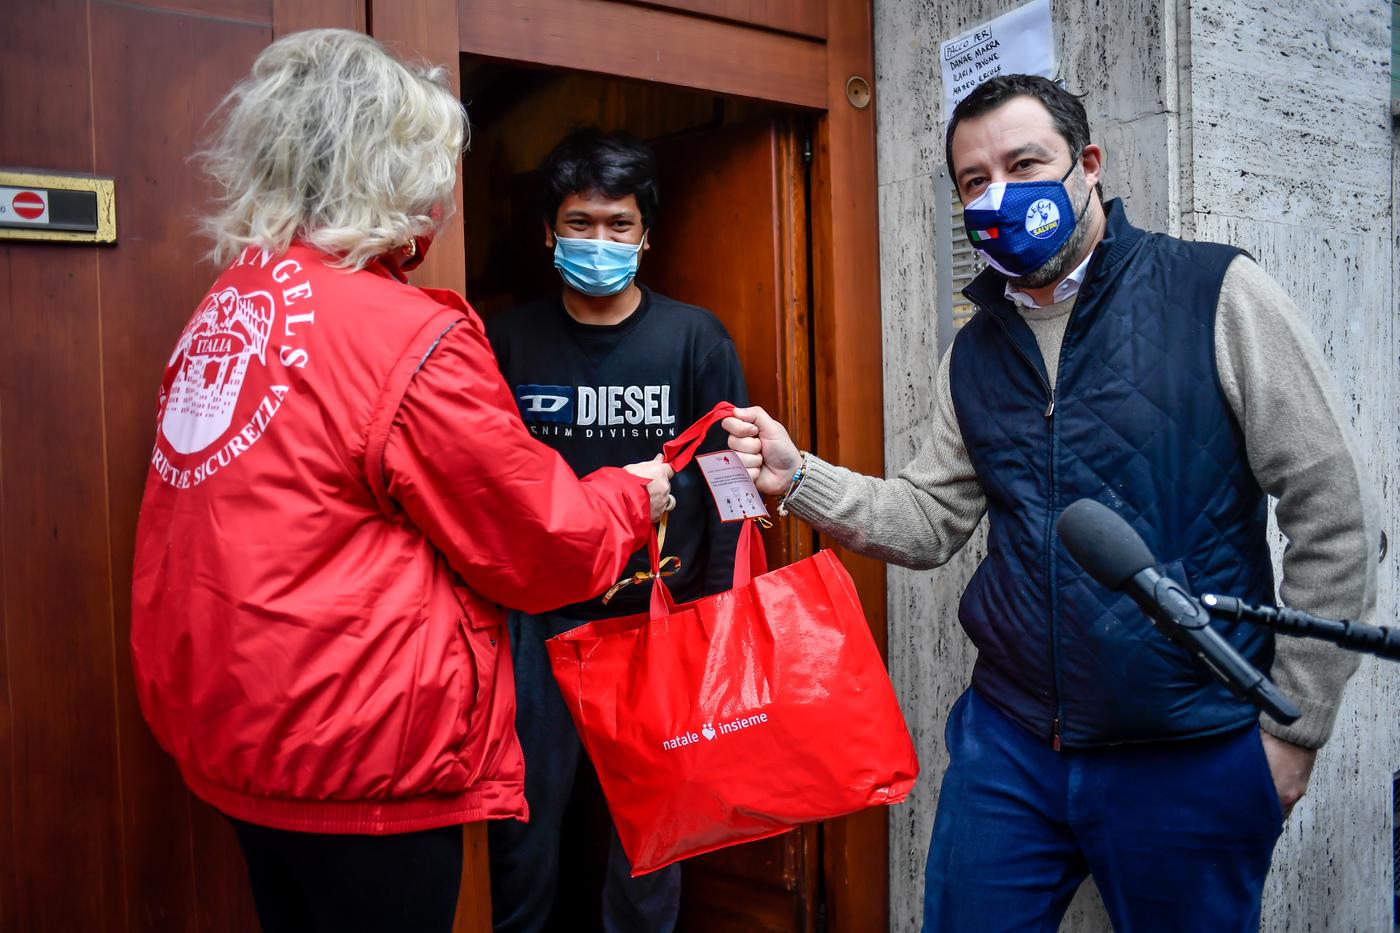 Matteo Salvini consegna pacchi alimentari a famiglie bisognose con i City Angels